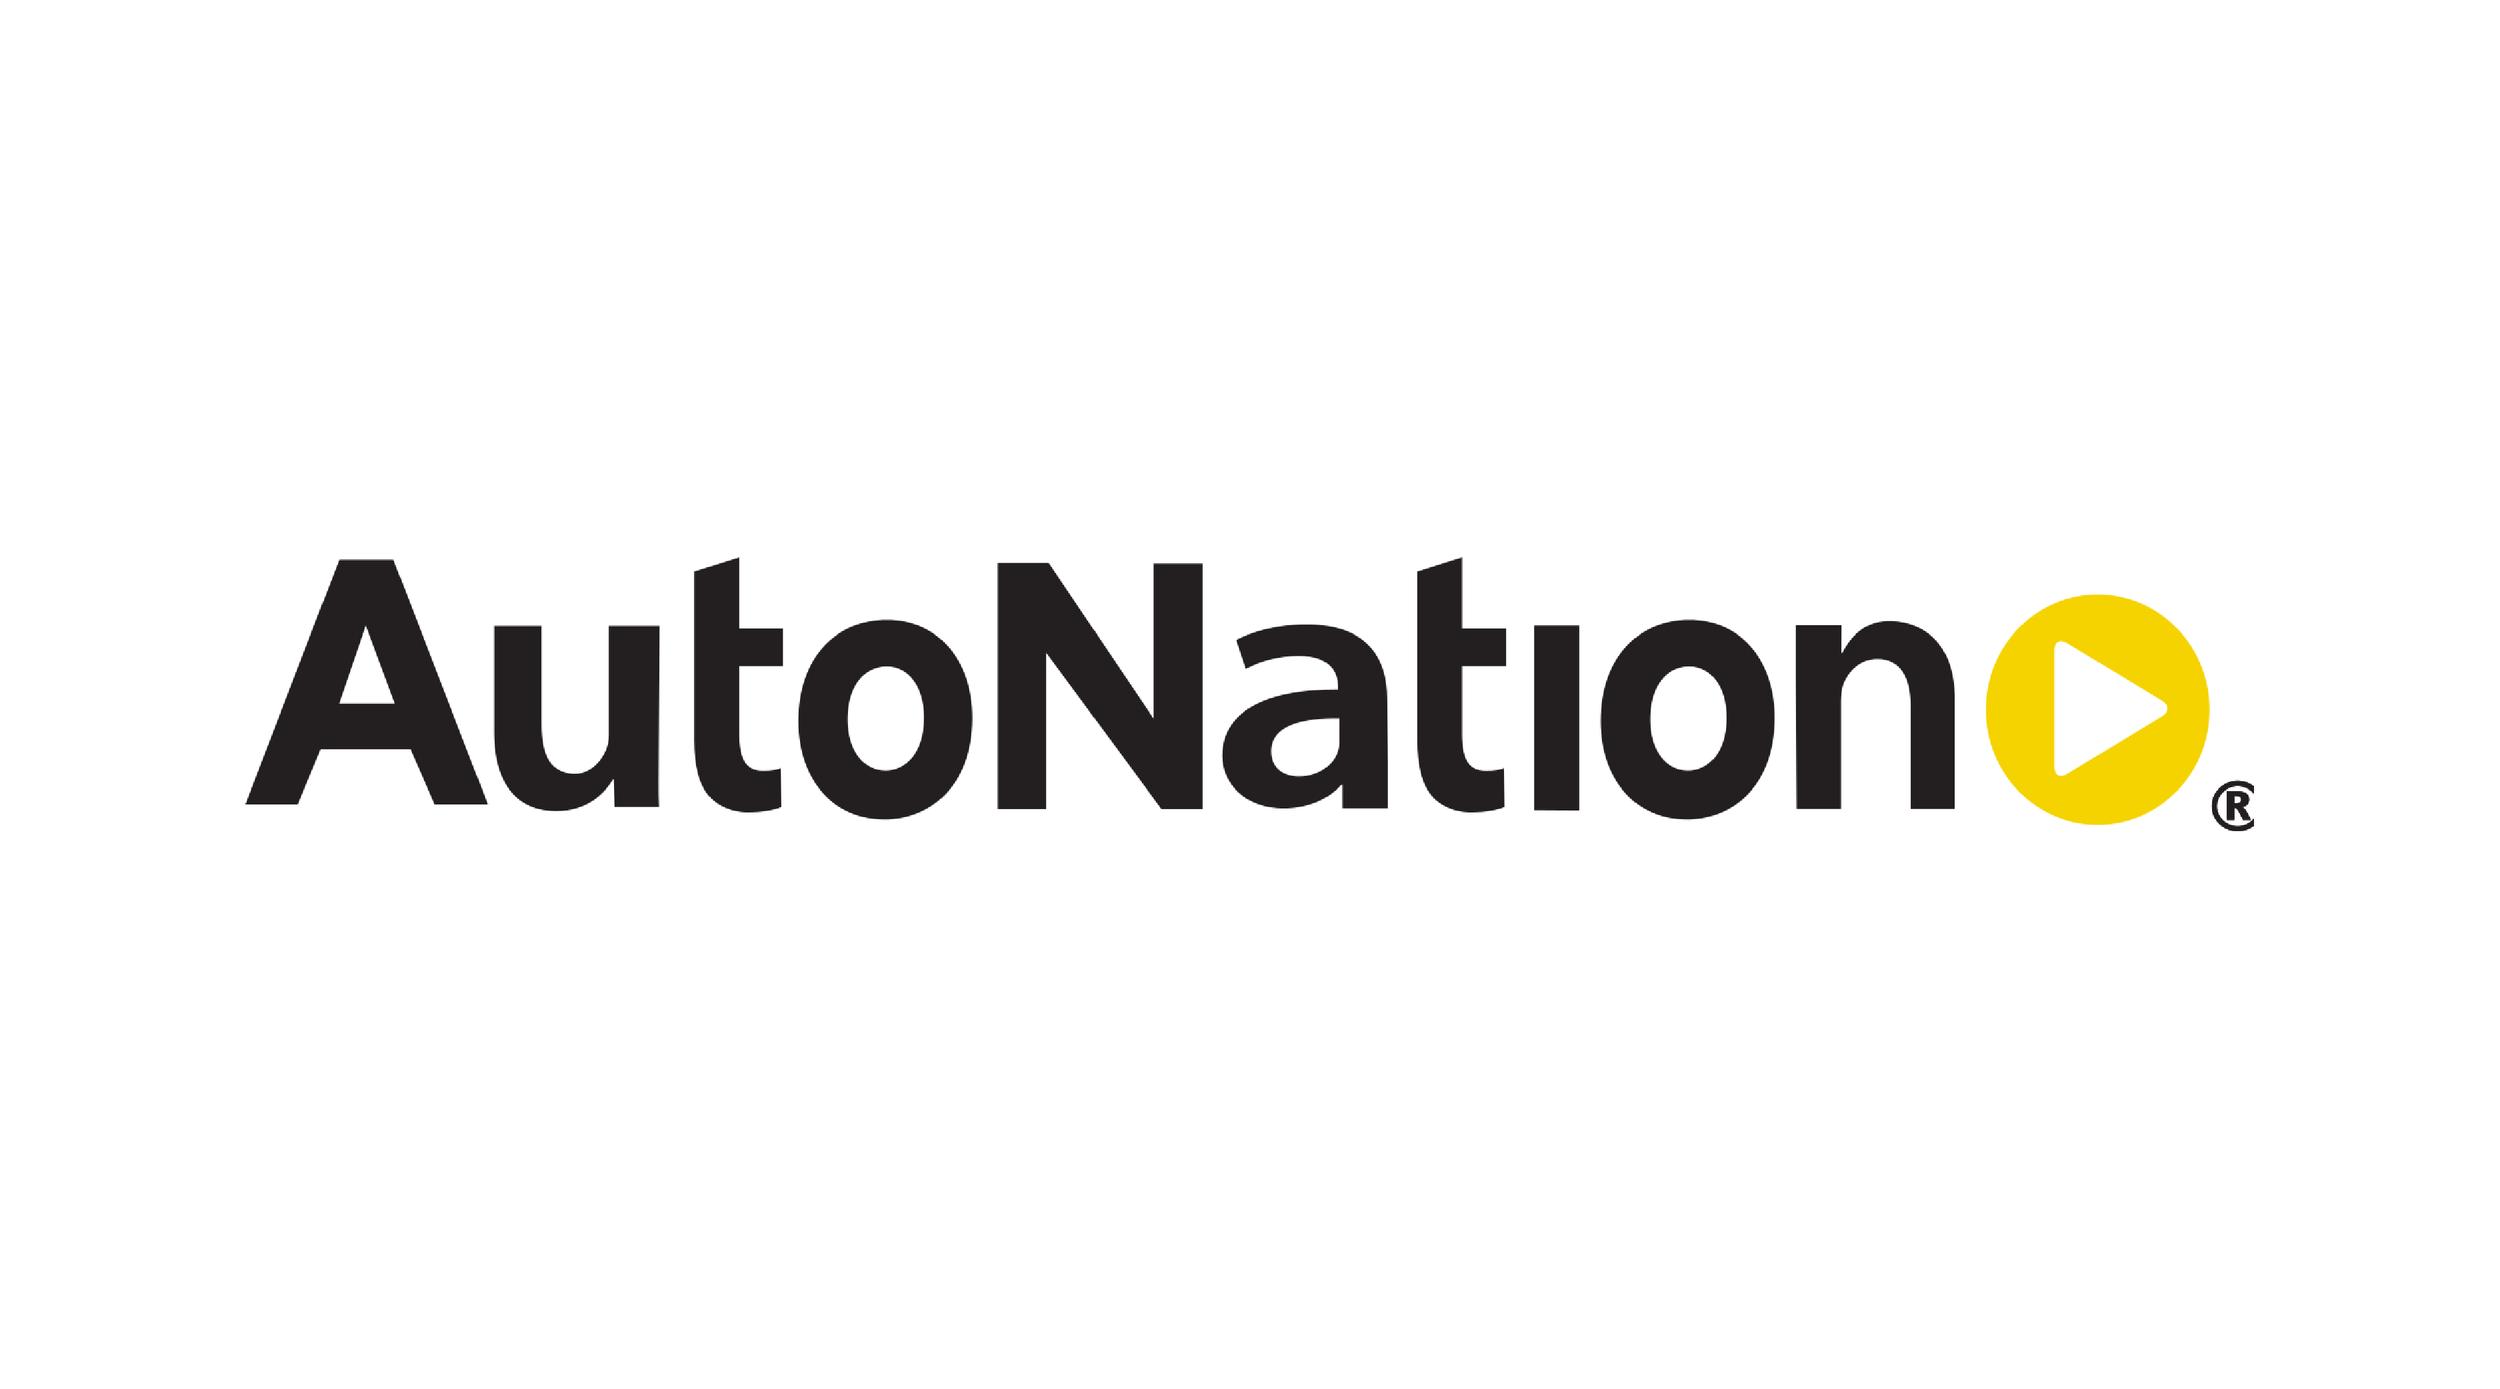 asset-logo_autonation.png